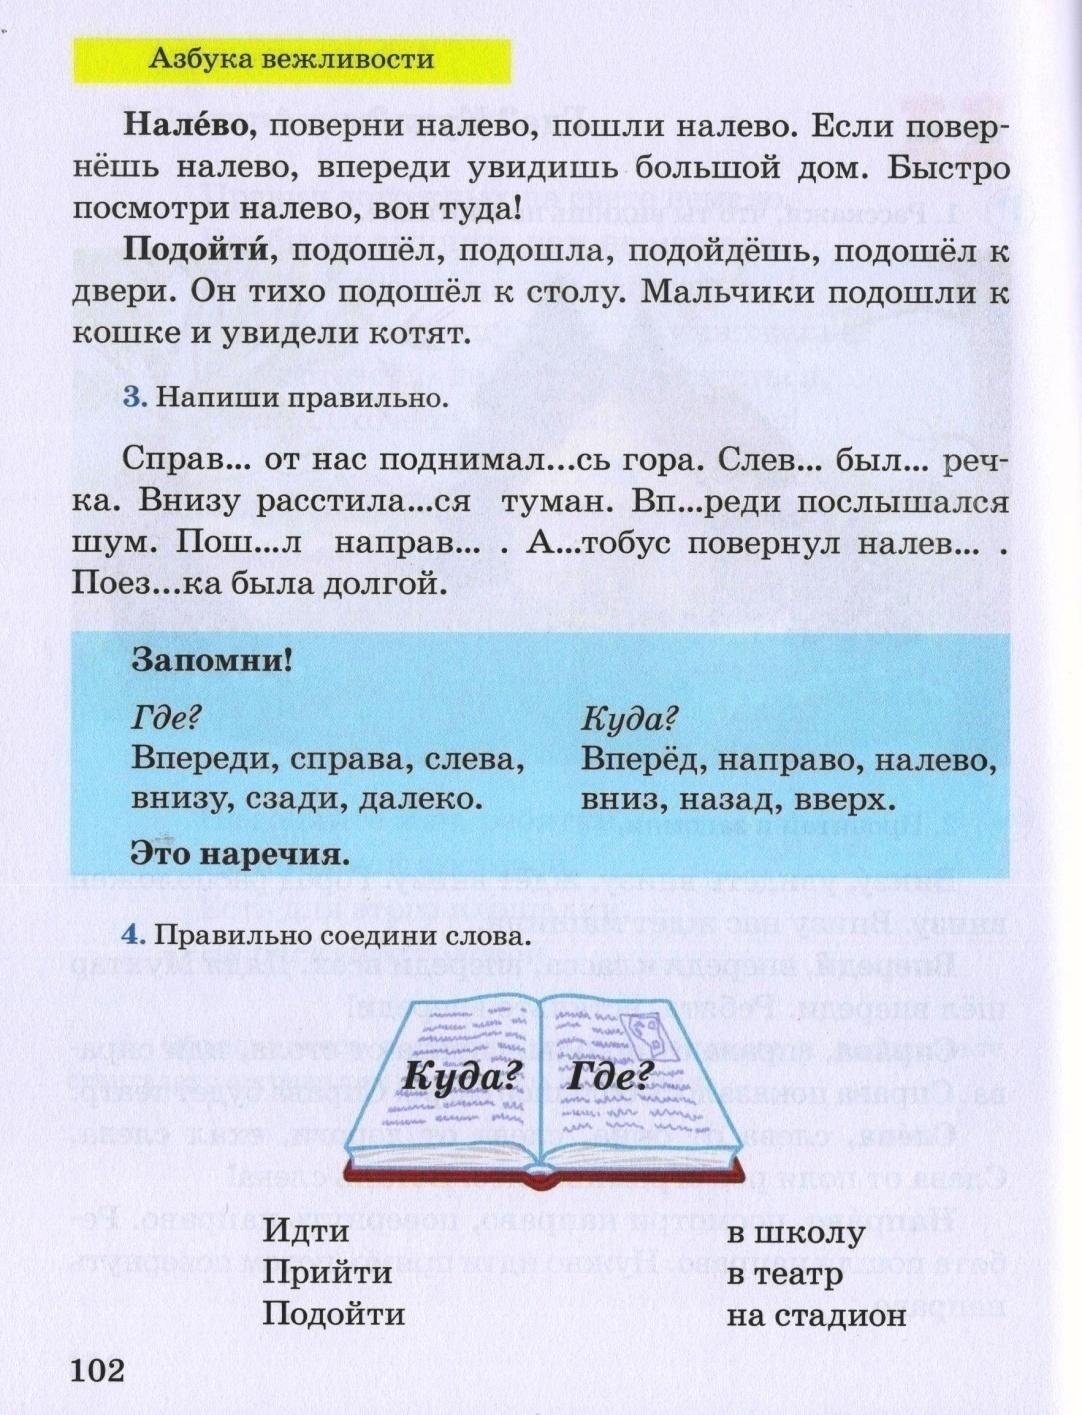 поурочные планы по русскому языку 4 класс атамура скачать бесплатно